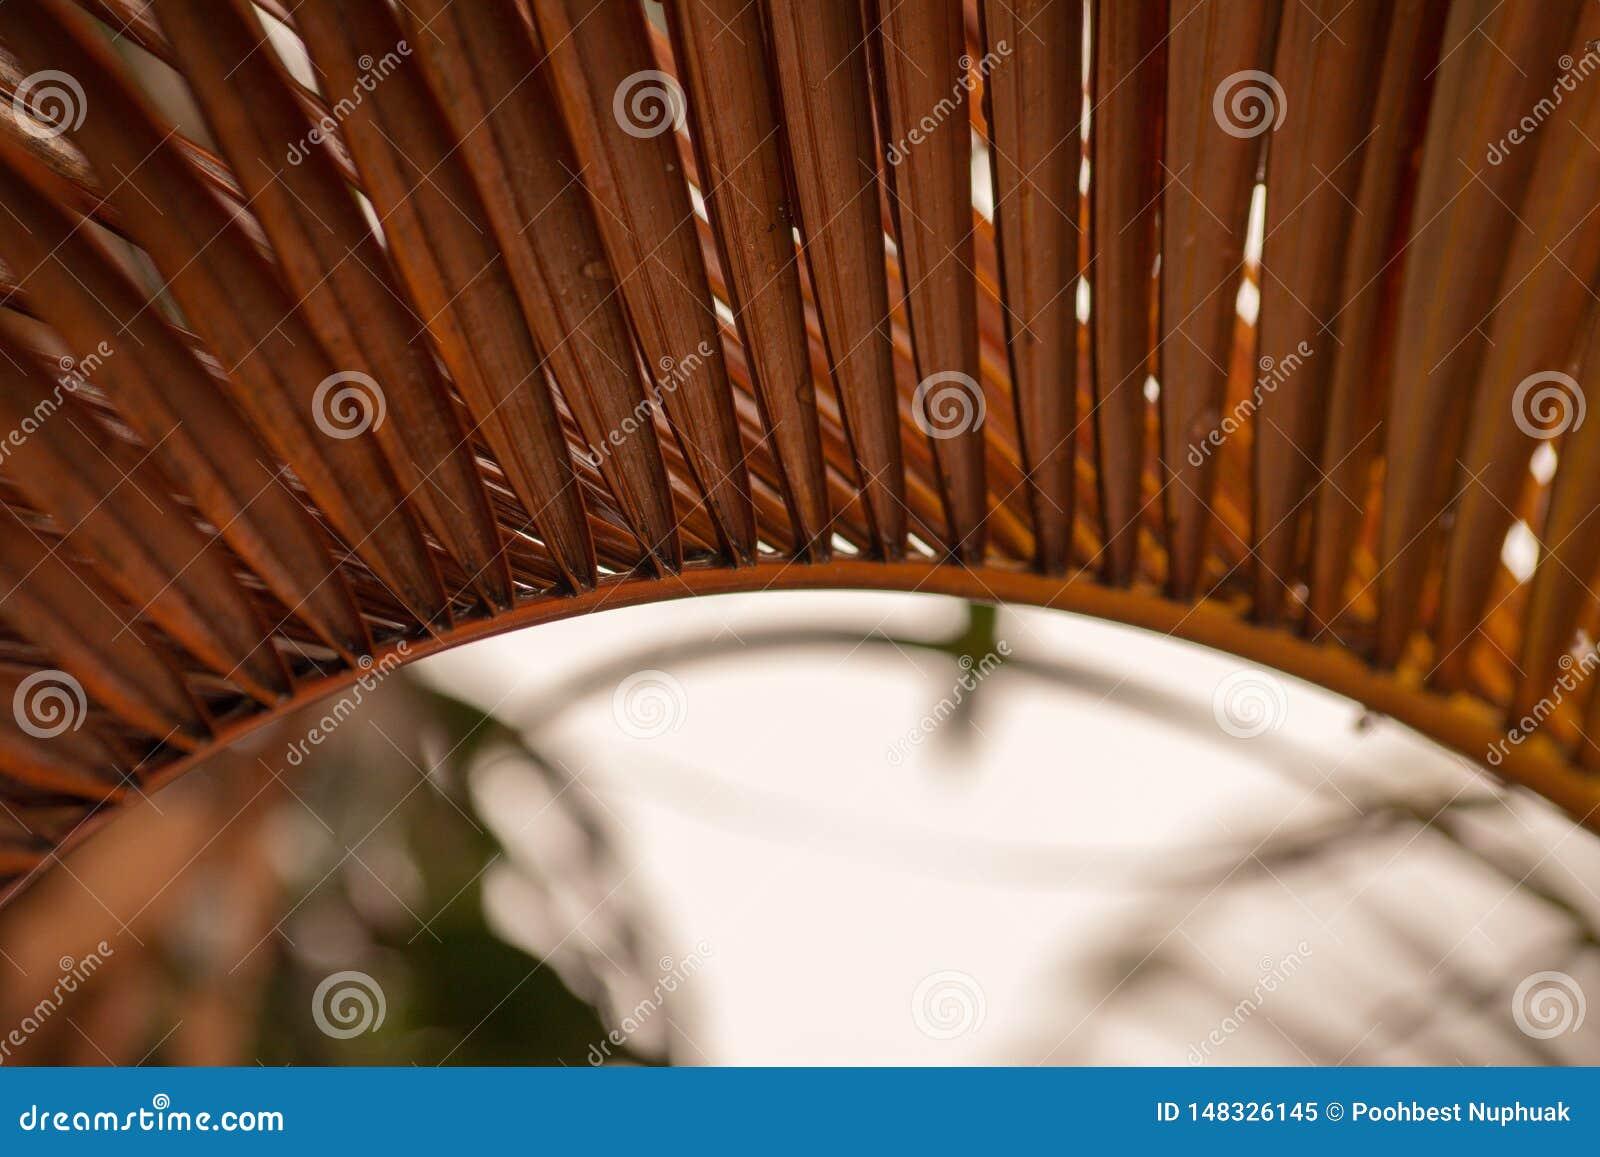 Zamyka w górę liści wysuszeni drzewka palmowe